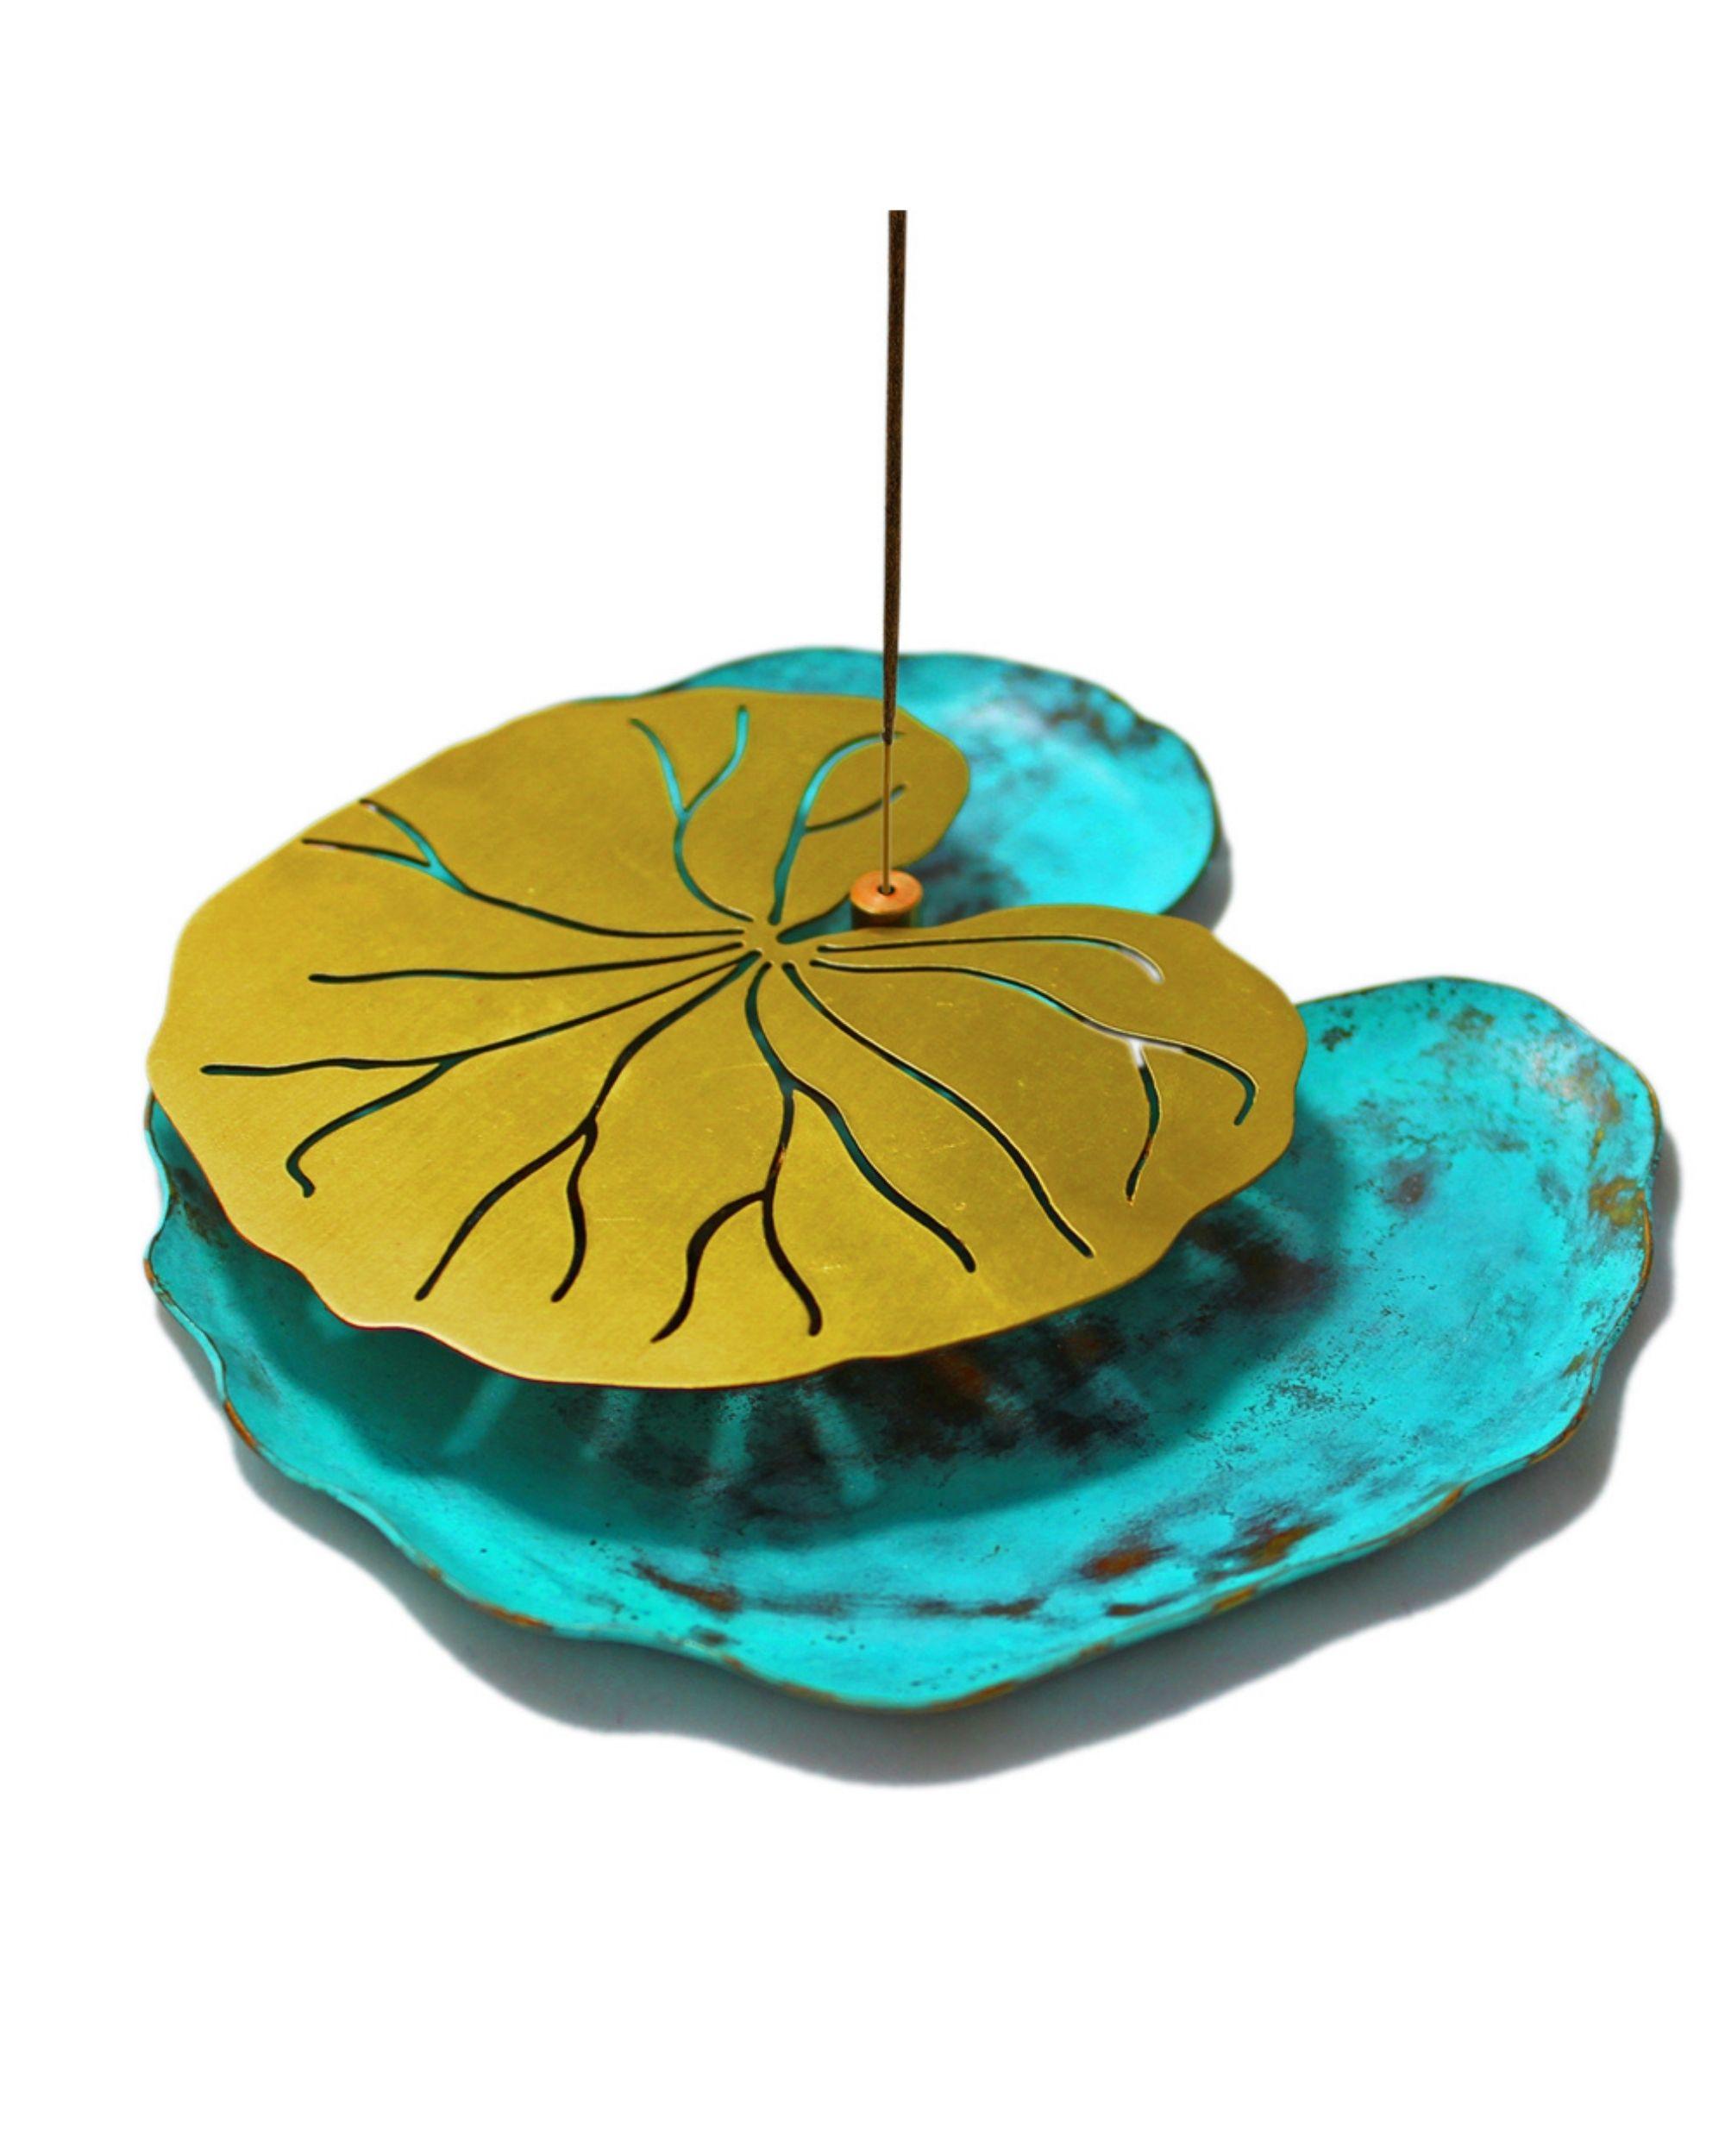 Lotus leaf incense stick holder